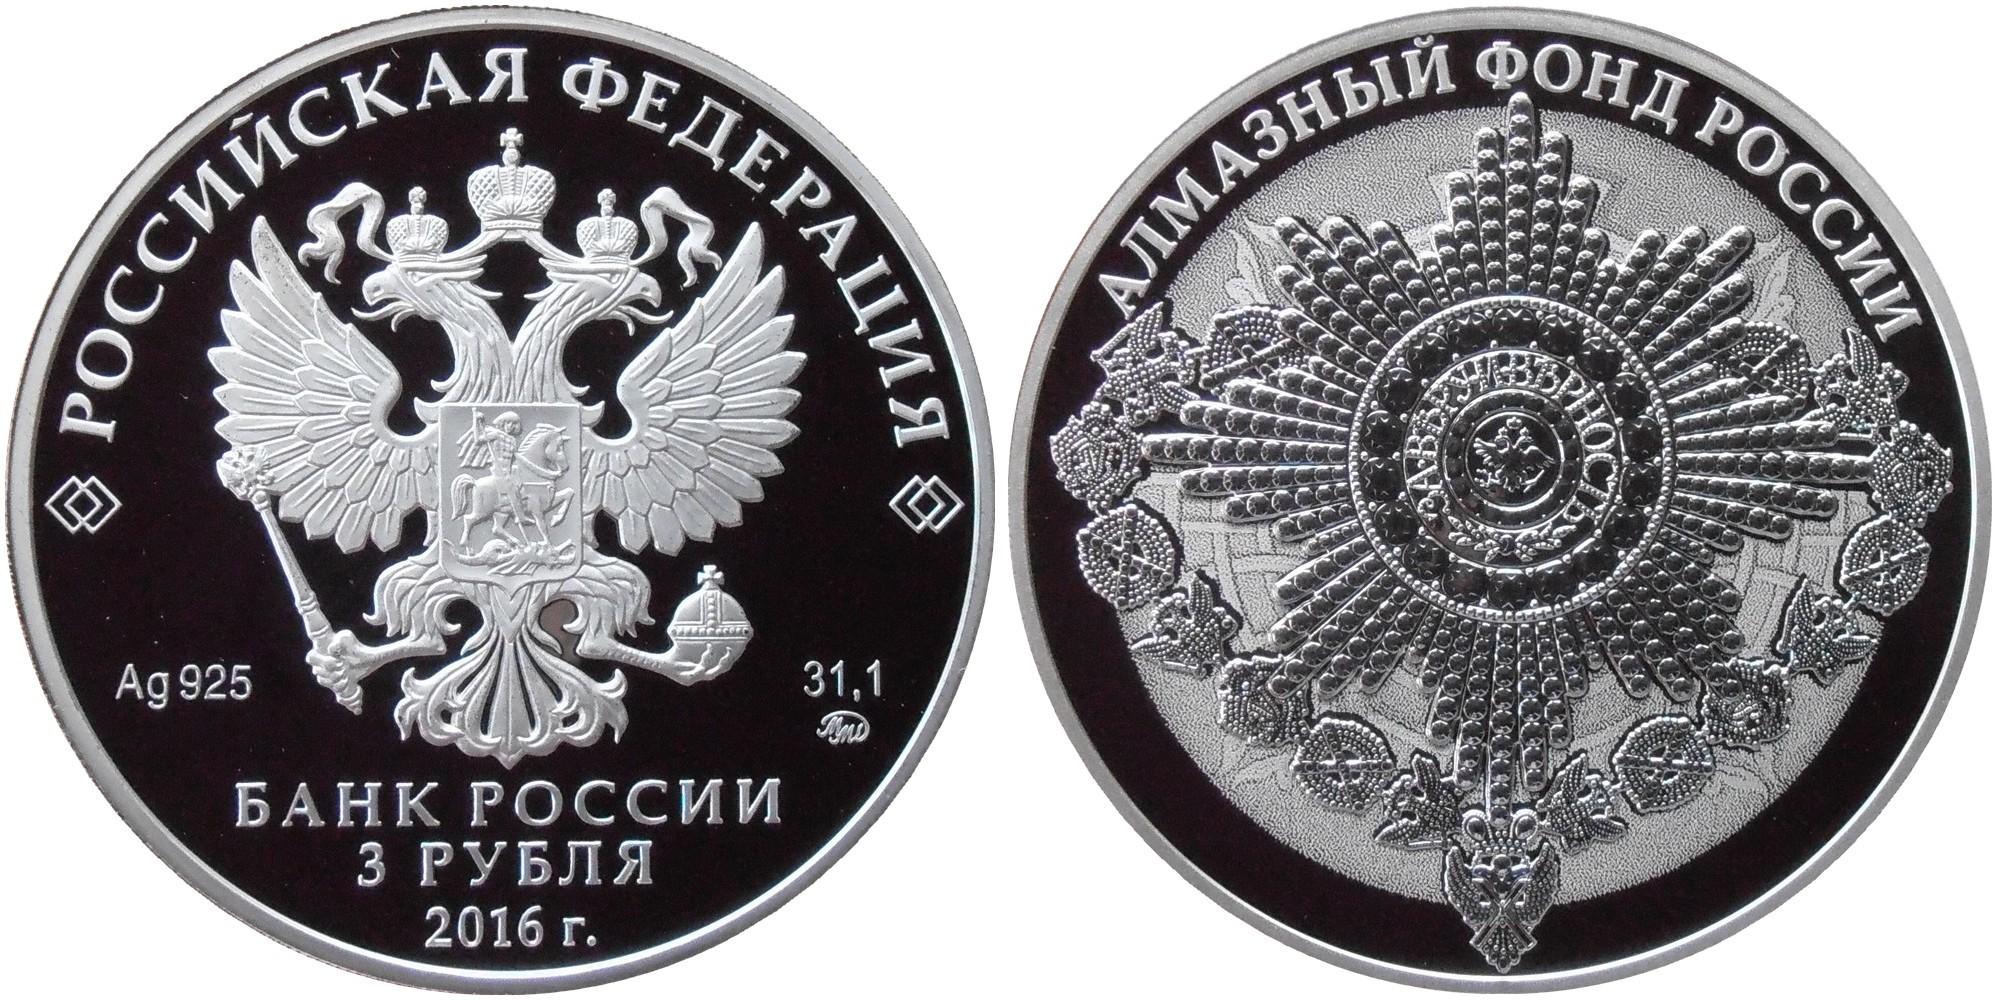 RUSSIE 3 ROUBLES 2016 - DIAMANTS DE RUSSIE : CROIX DE ST ANDRE